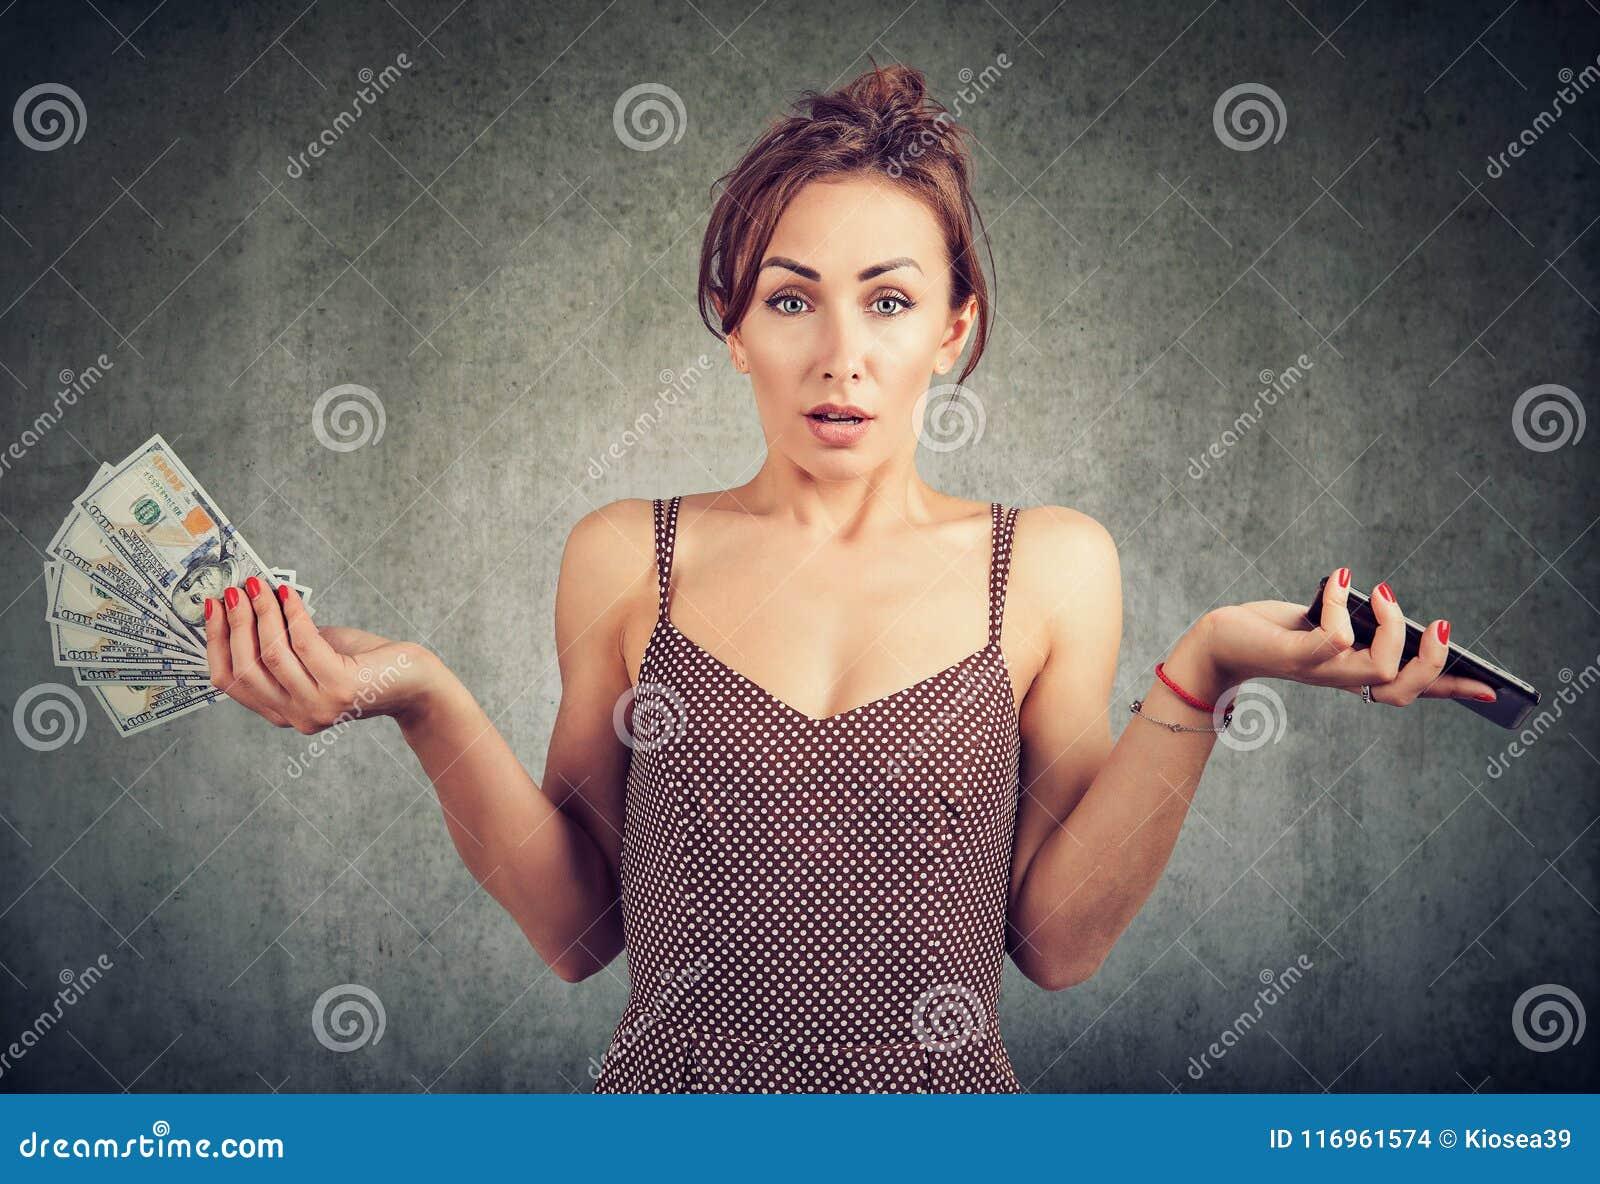 Contanti dispiaciuti del dollaro dello Smart Phone e dei soldi della tenuta della donna, insoddisfatti delle spese per i servizi